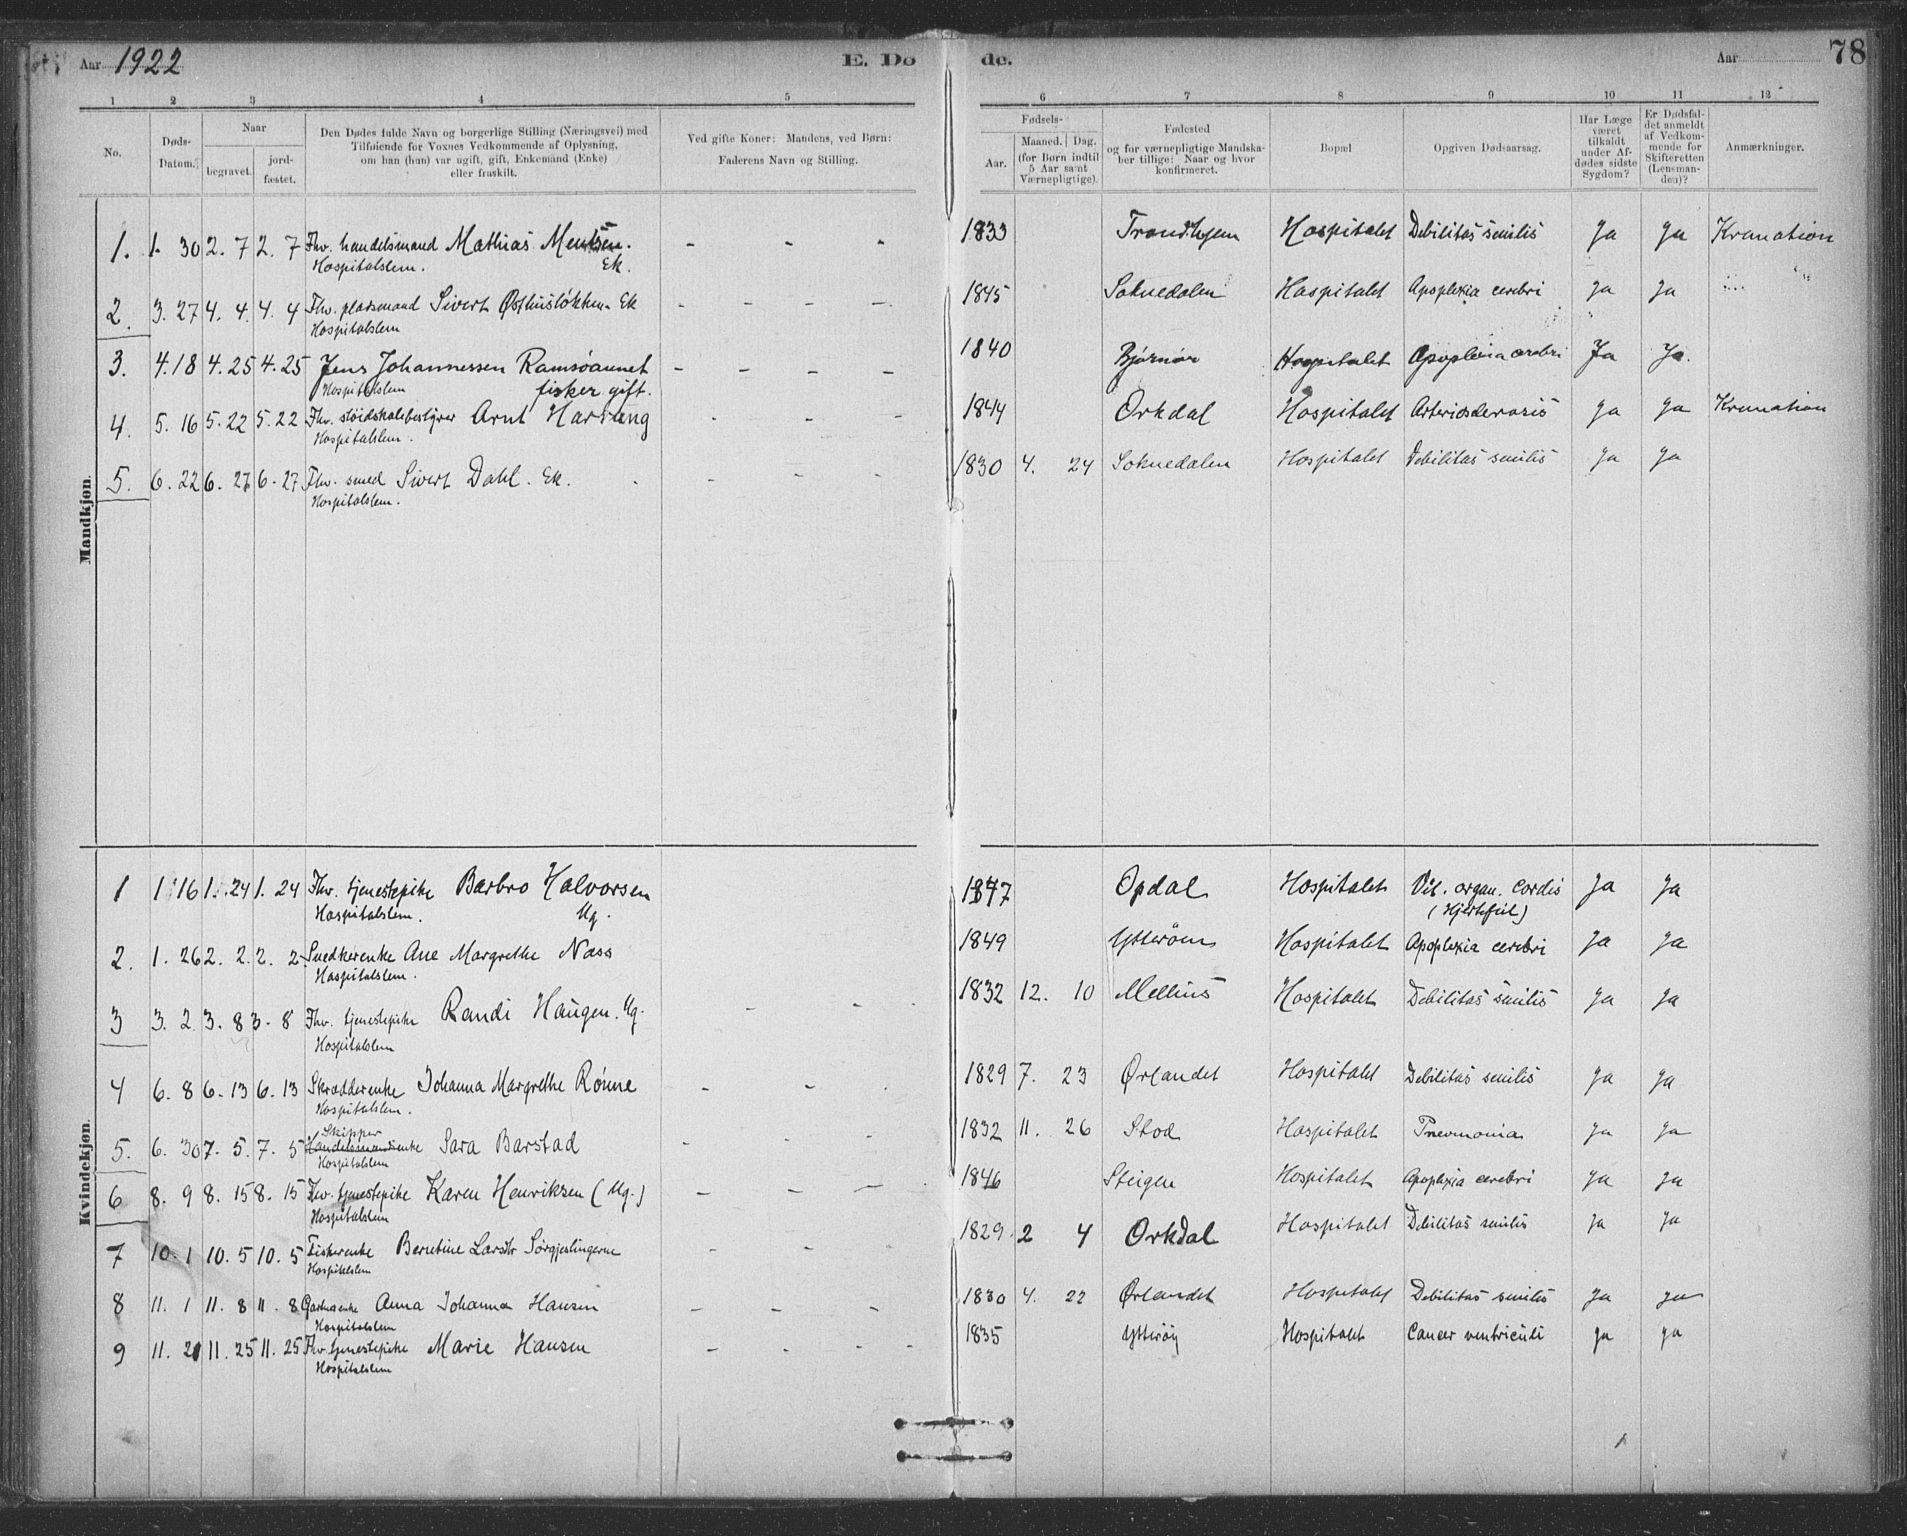 SAT, Ministerialprotokoller, klokkerbøker og fødselsregistre - Sør-Trøndelag, 623/L0470: Ministerialbok nr. 623A04, 1884-1938, s. 78